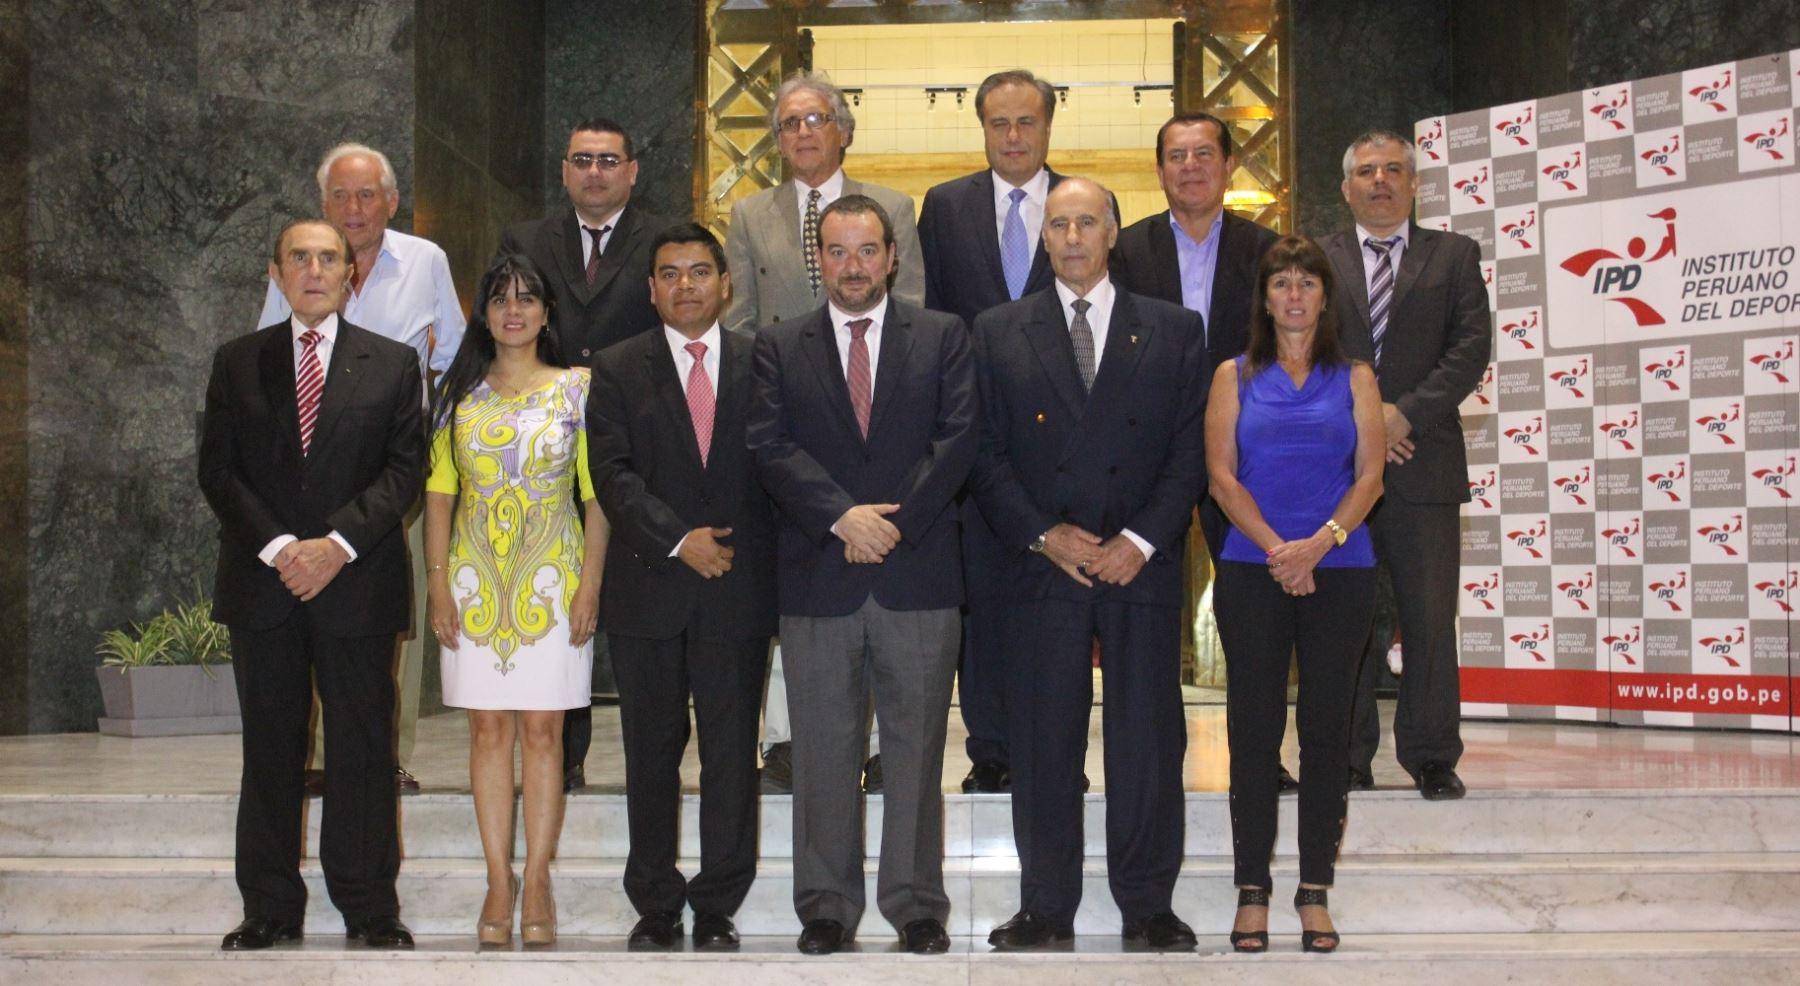 Fue instalada la comisión organizadora de los XVII Juegos Deportivos Panamericanos Lima 2019 (COPAL). Difusión